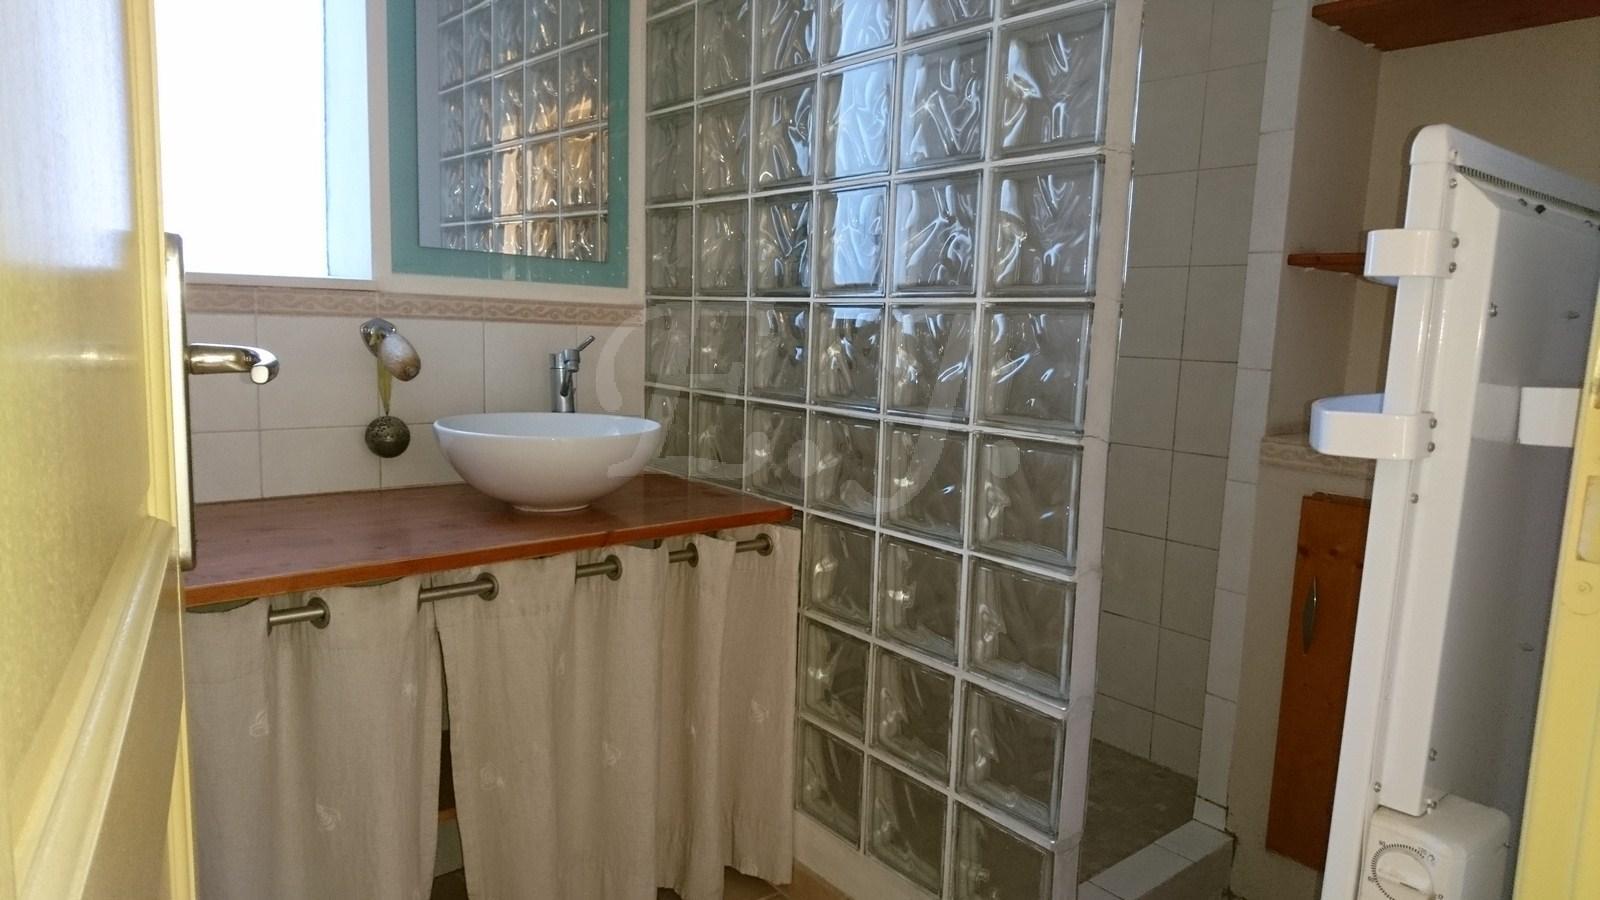 Vente Maison  Cabrieres d'Avignon Avec jardin clos, 2 chambres, bureau et cave